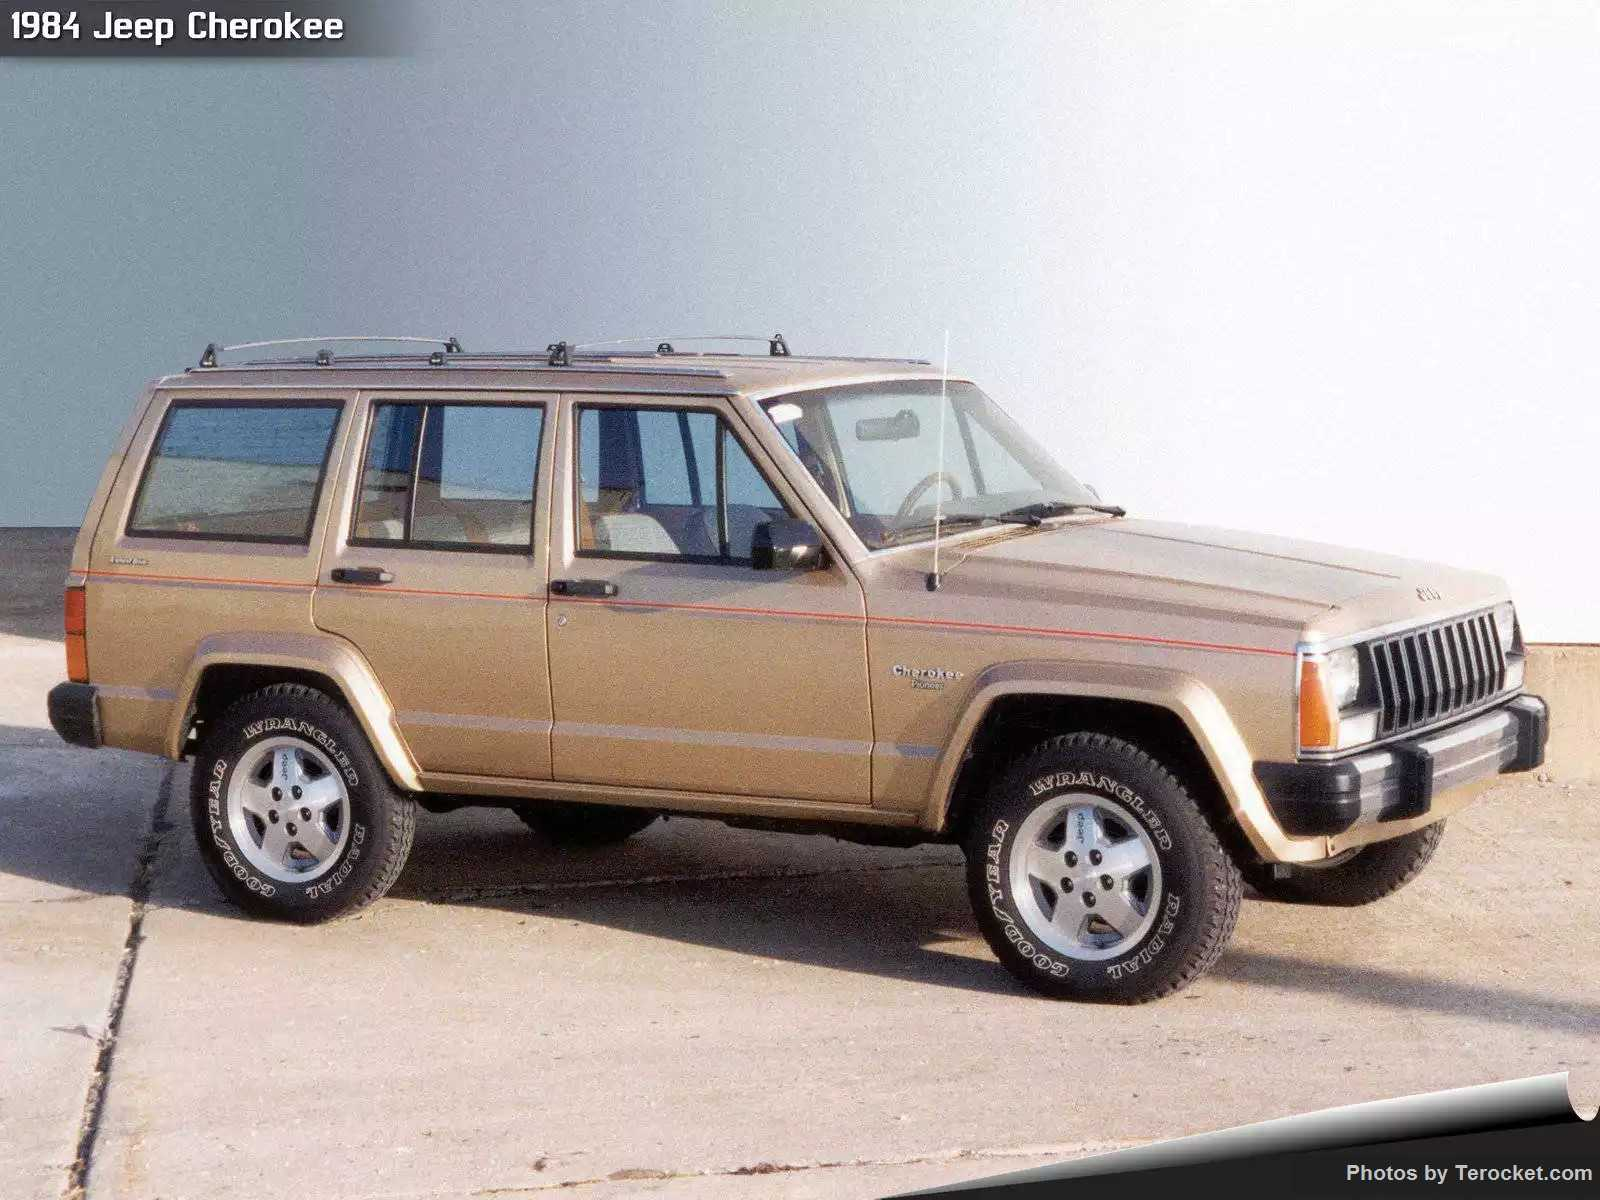 Hình ảnh xe ô tô Jeep Cherokee 1984 & nội ngoại thất